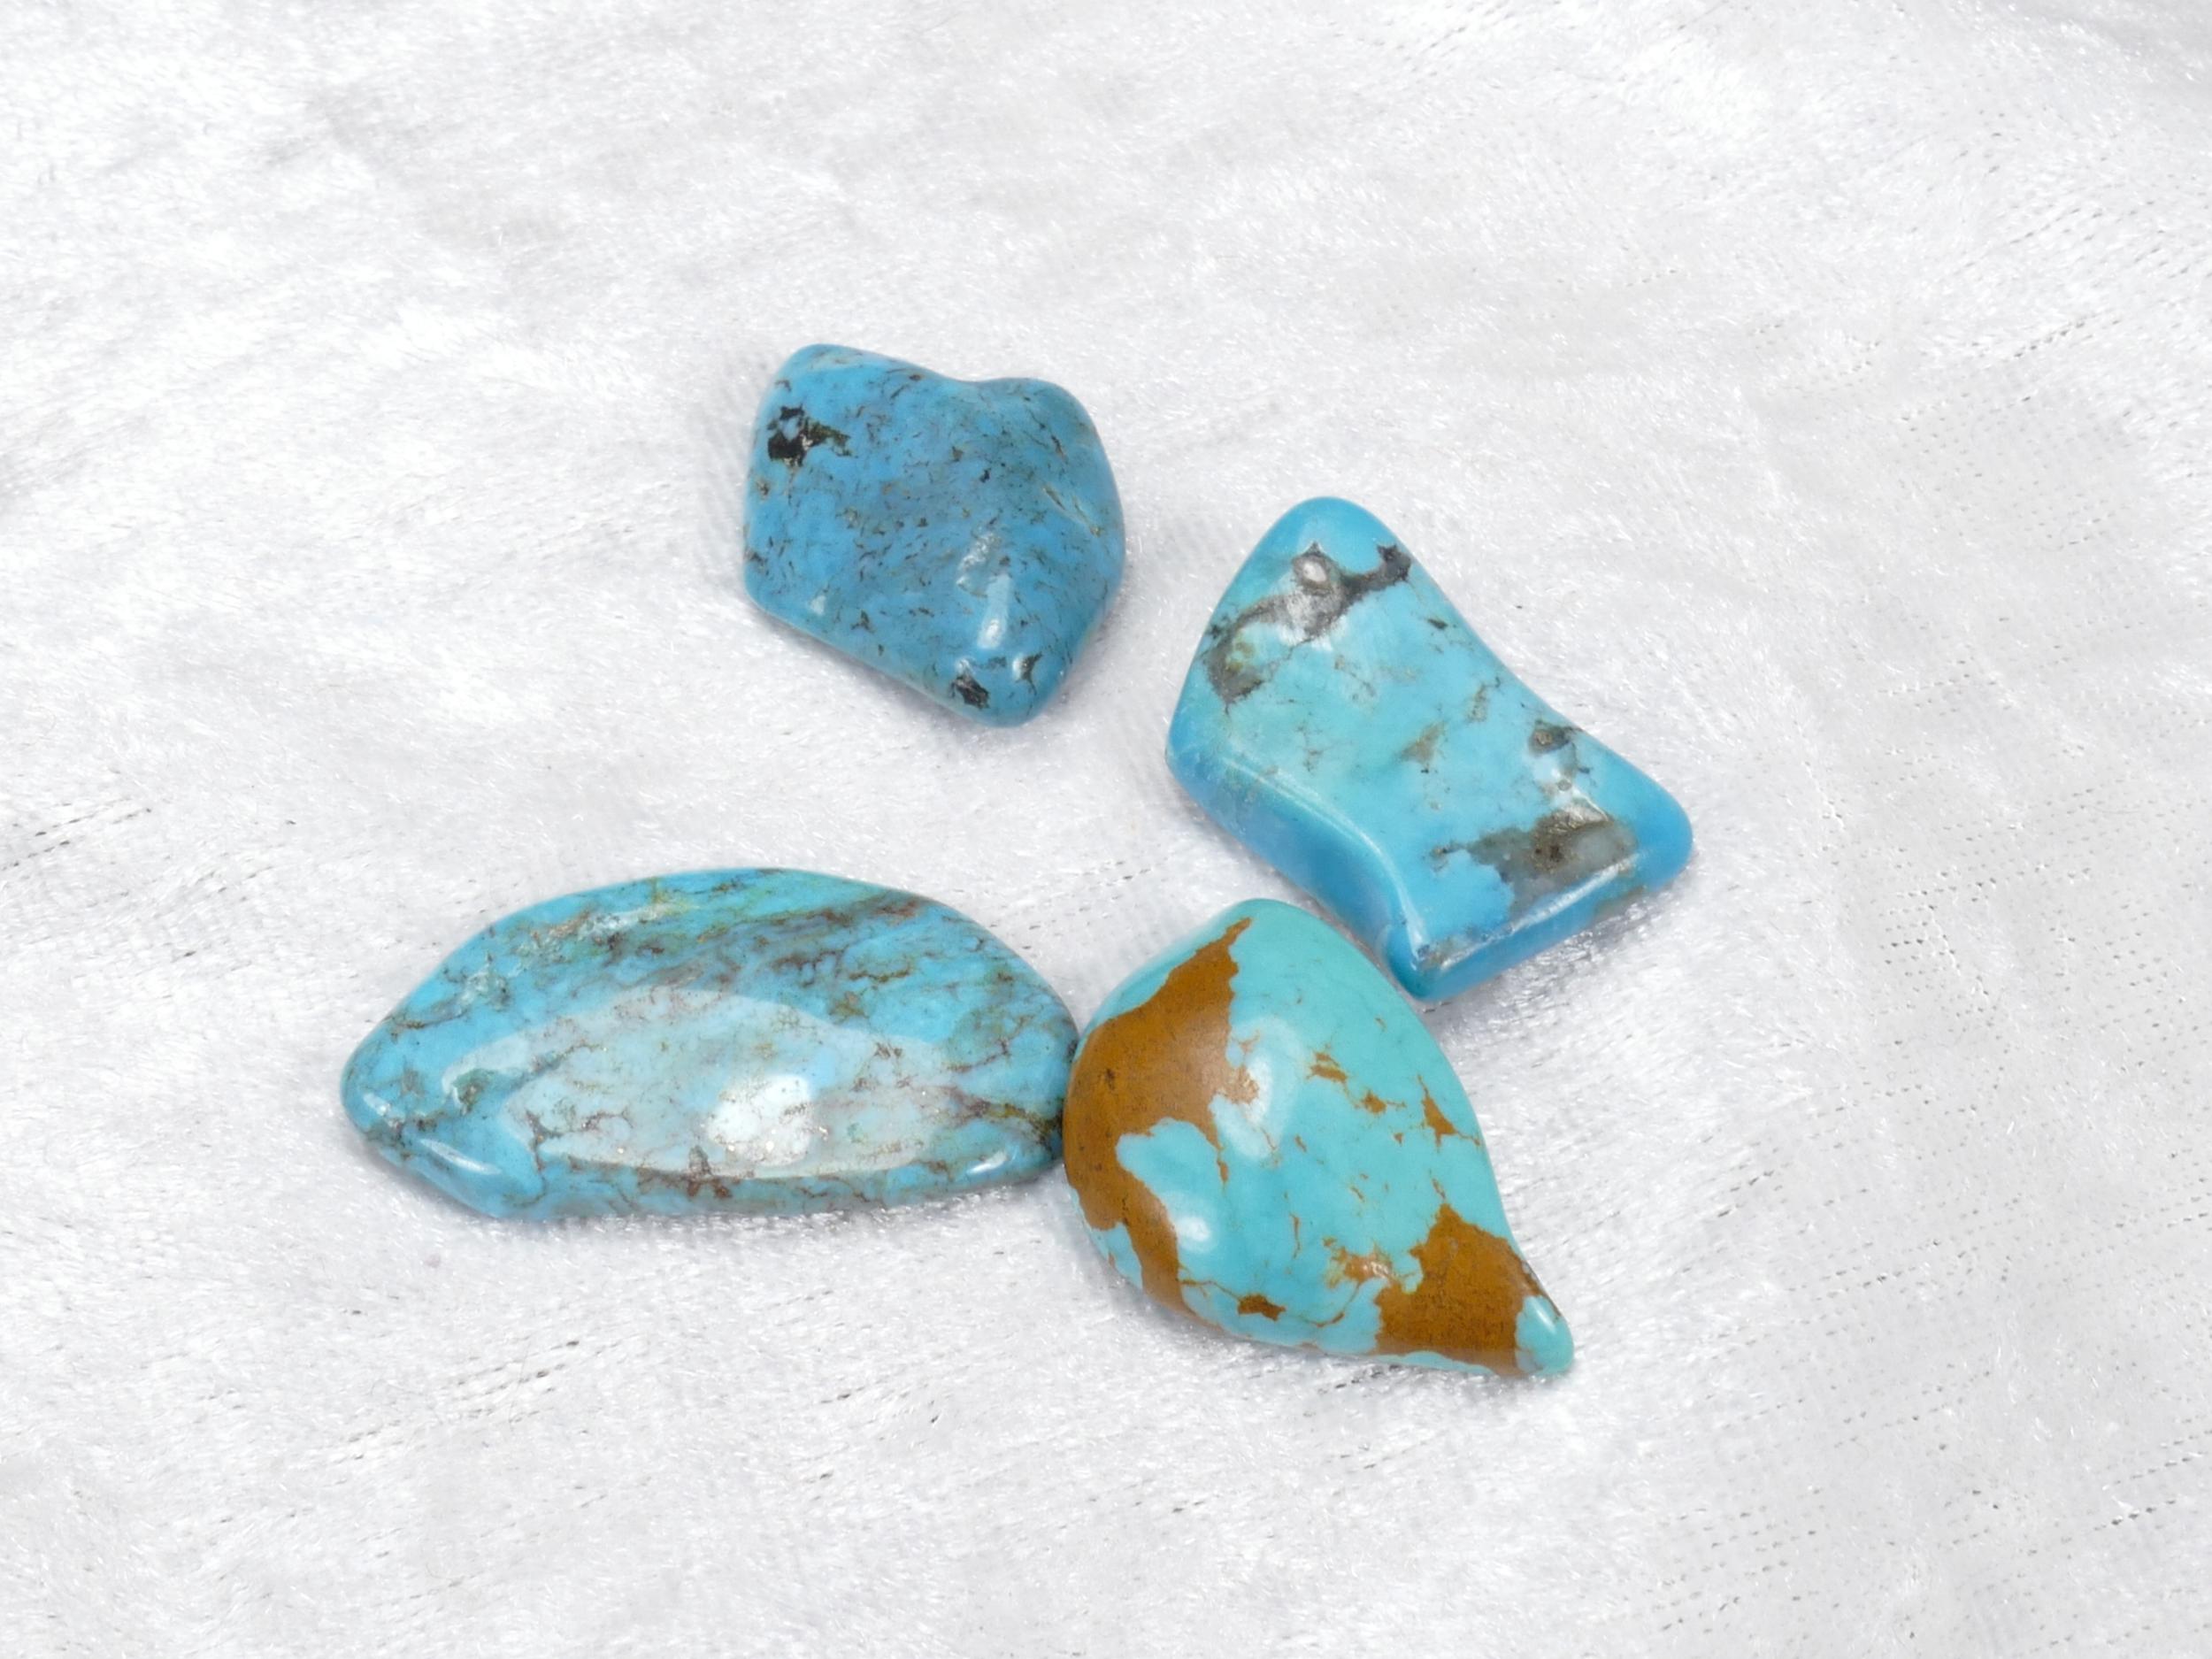 22-30mm 4 Turquoise naturelle en morceau roulé avec matrice 11.87g (#PM354)